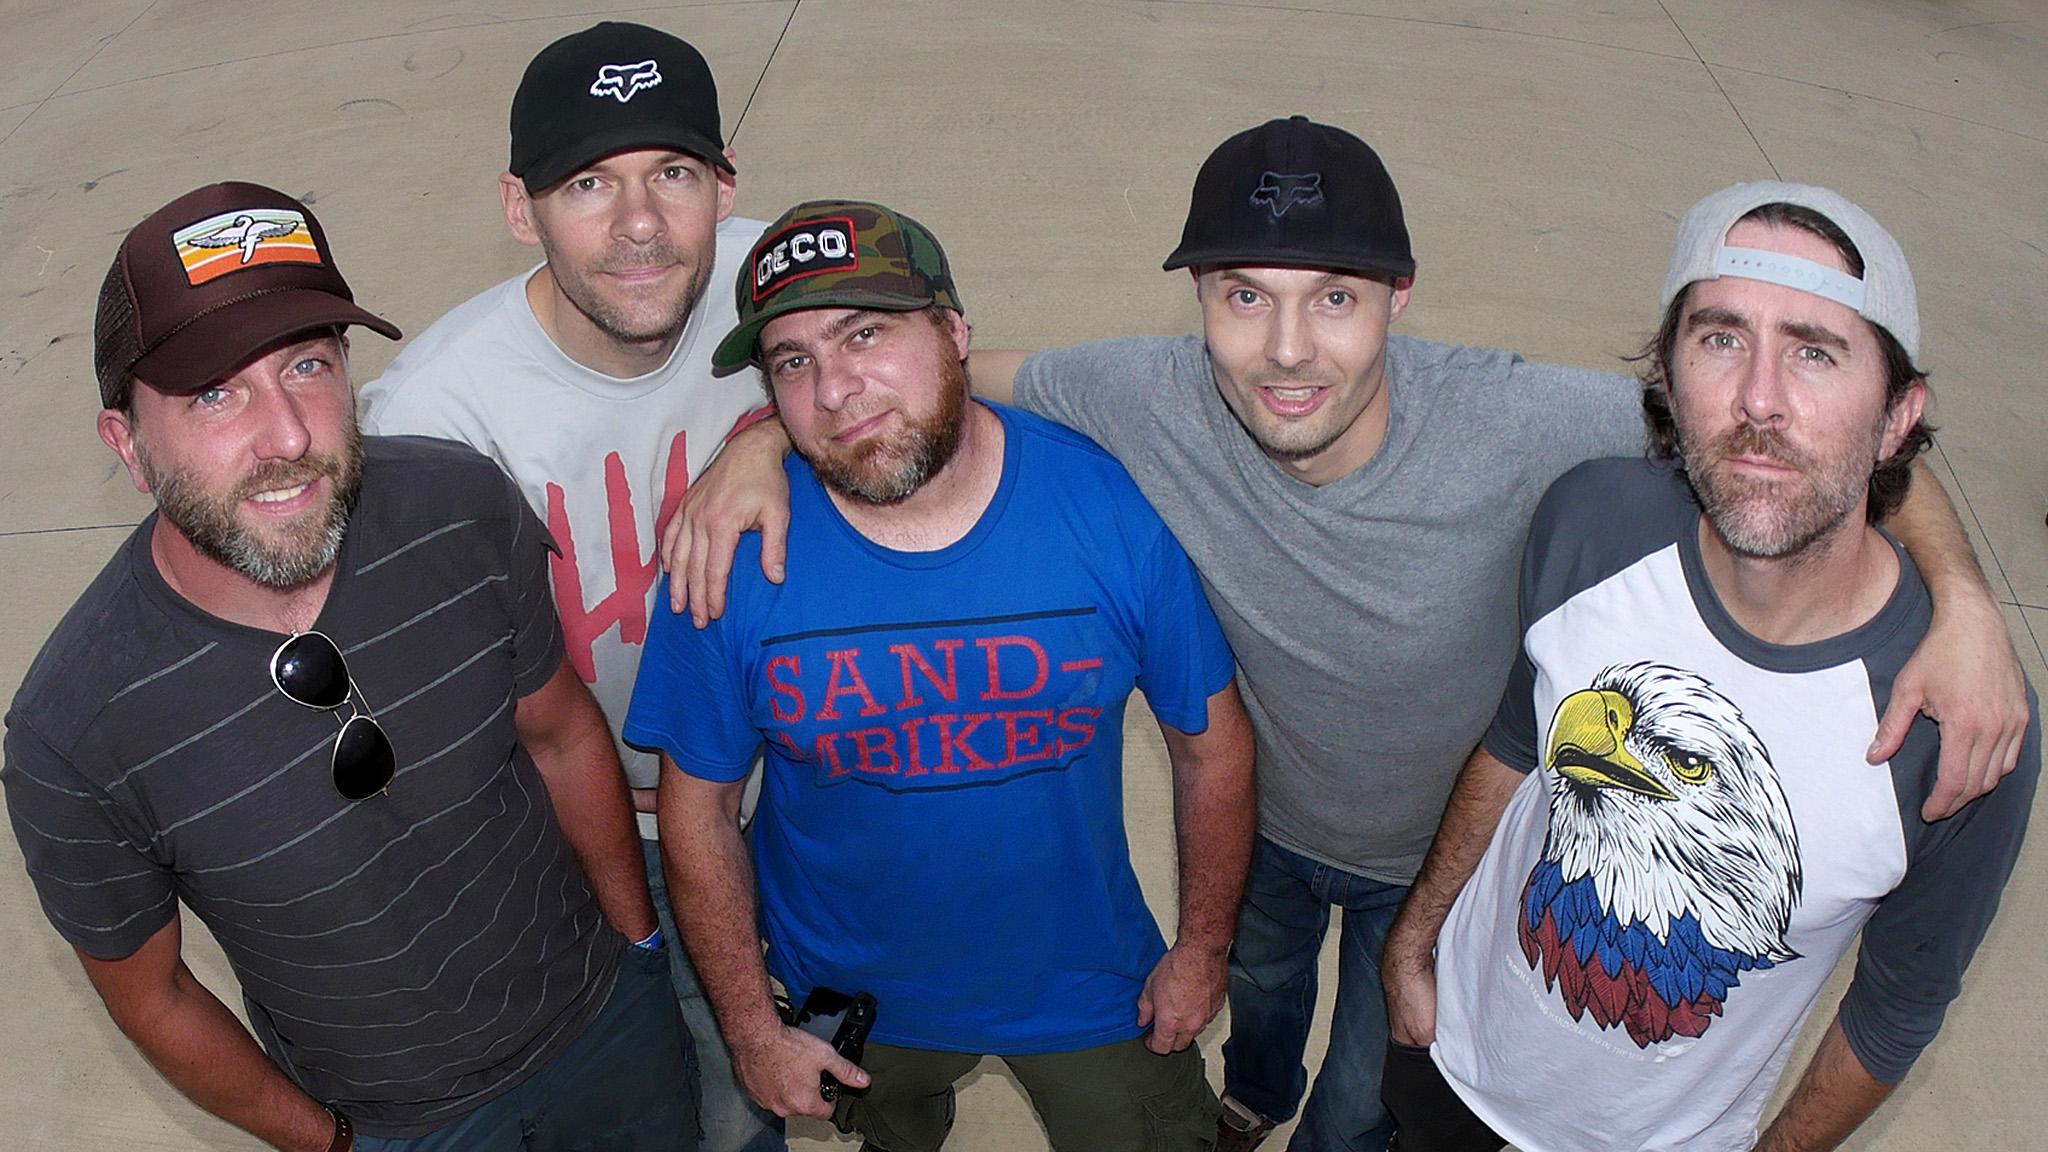 The Baco crew